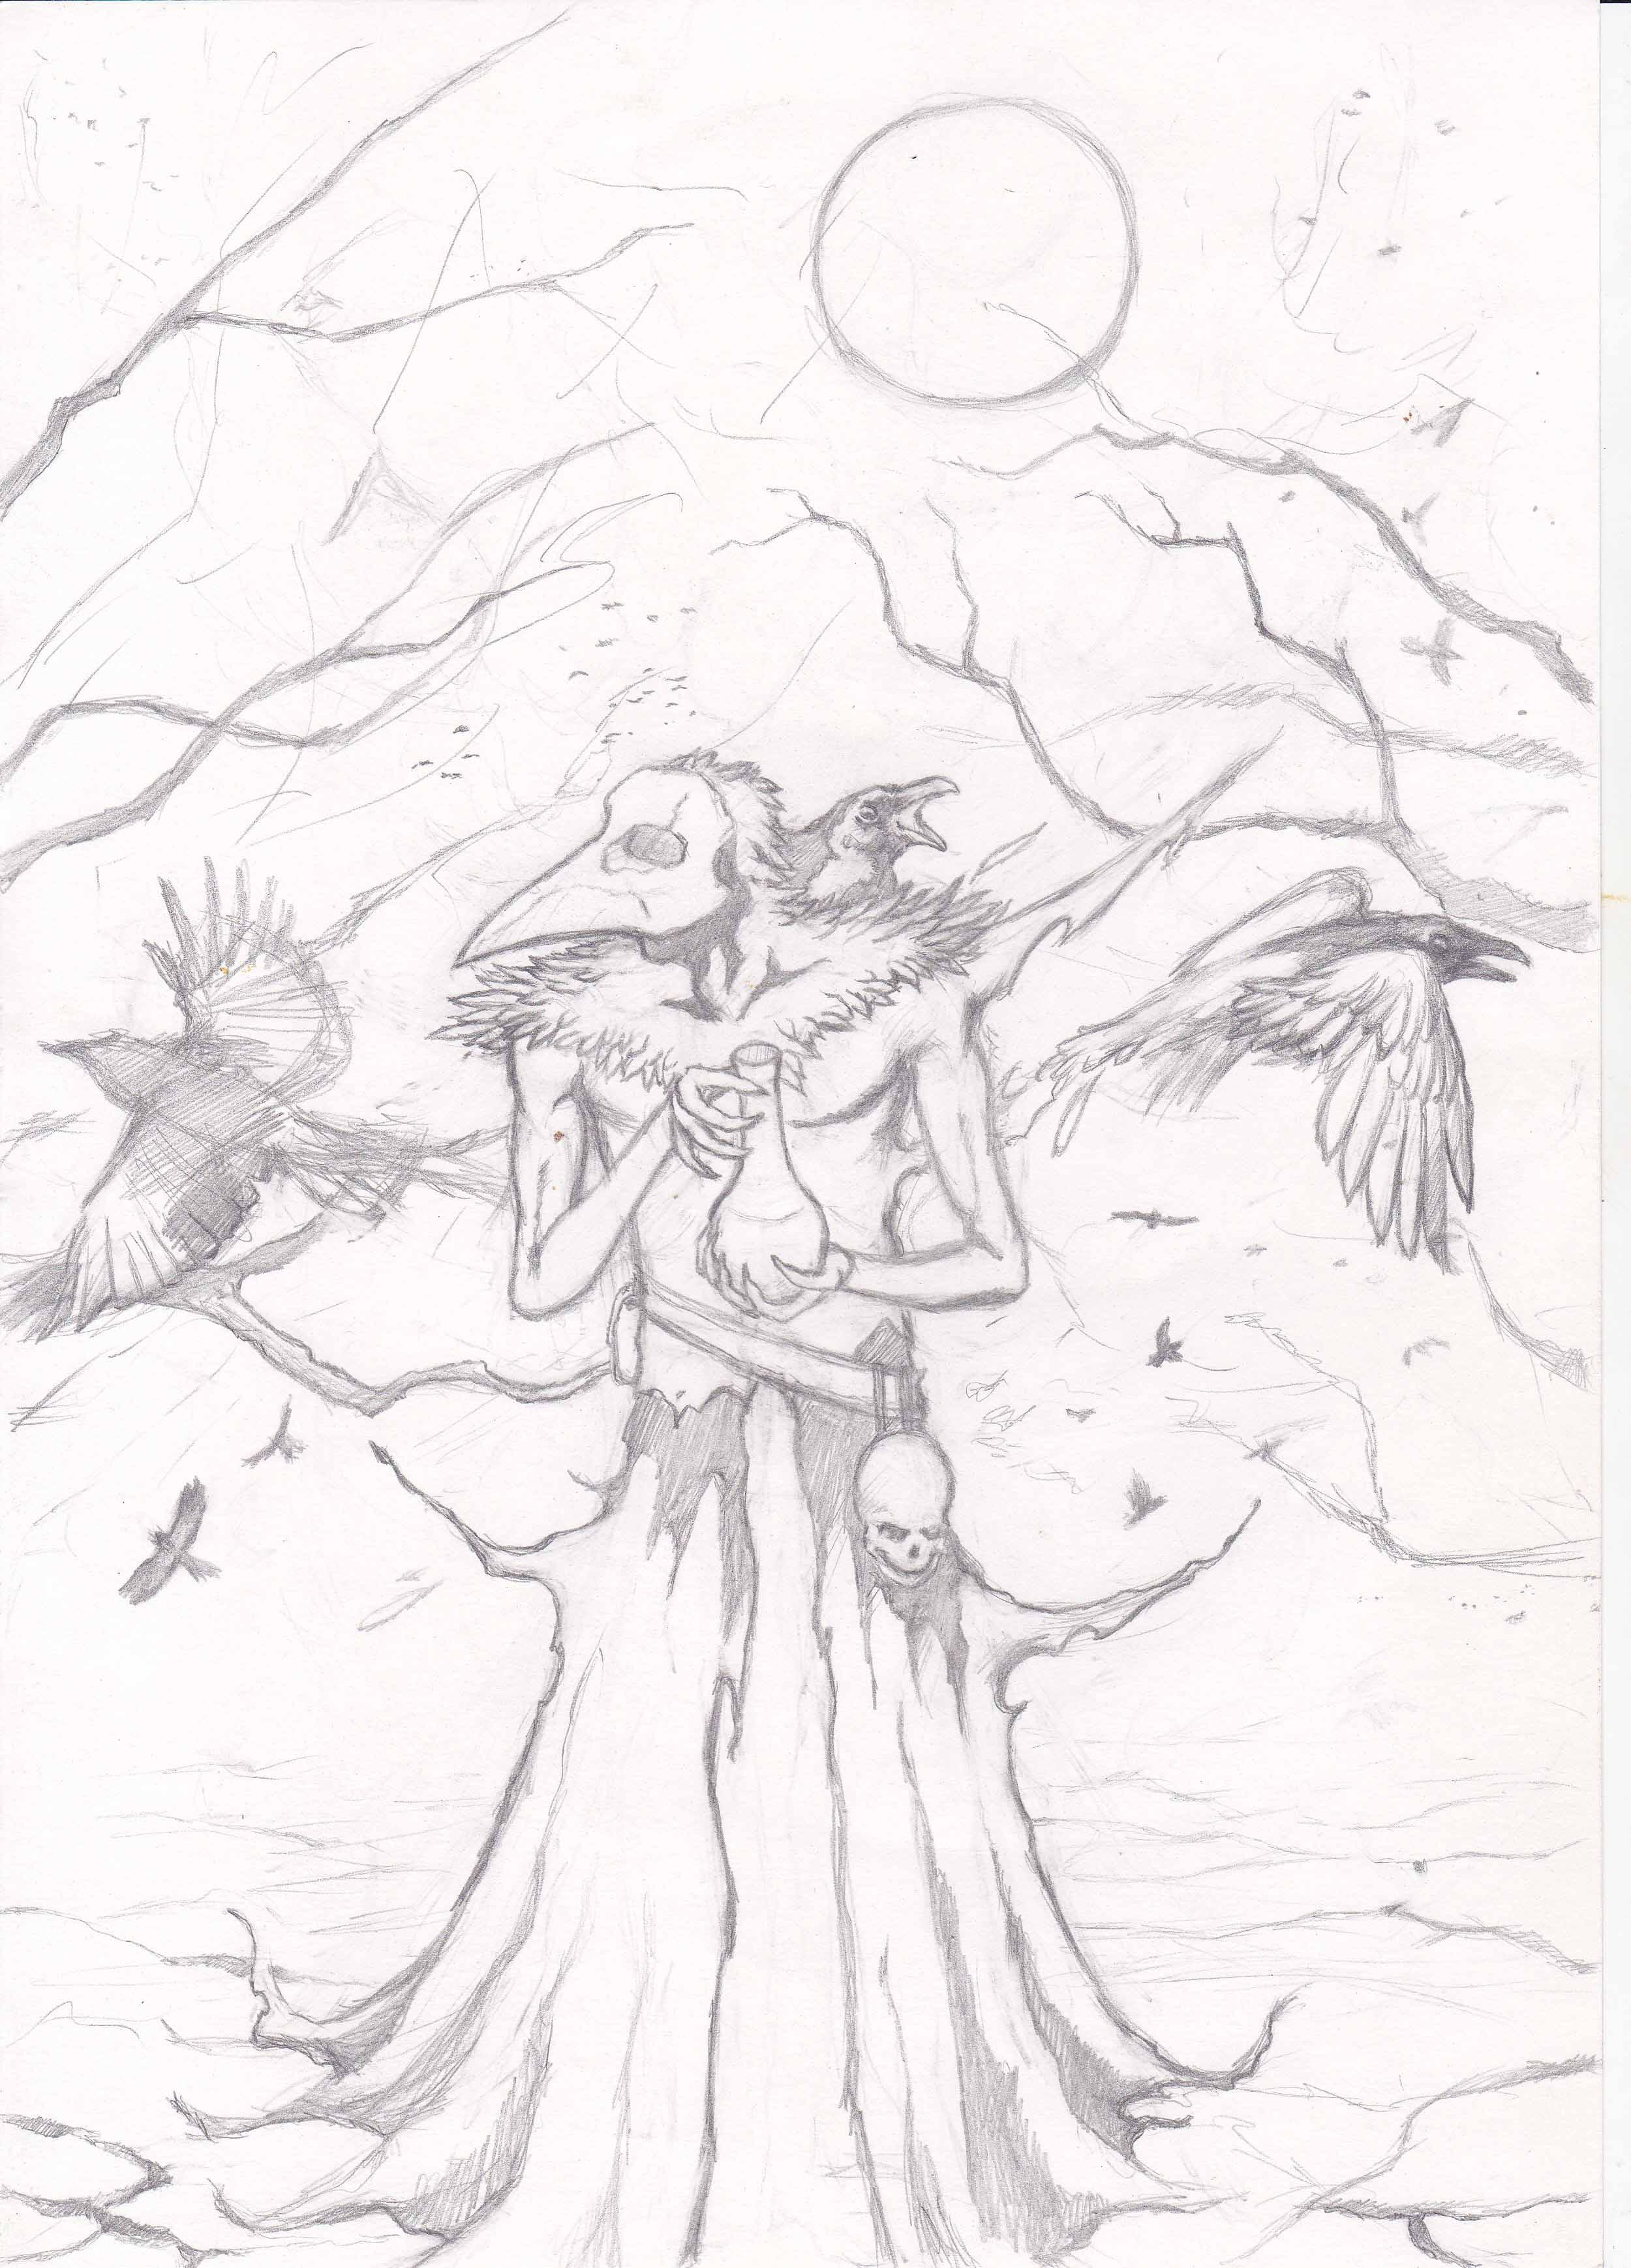 Мрачное настроение, делаю зарисовки - Изображение 1